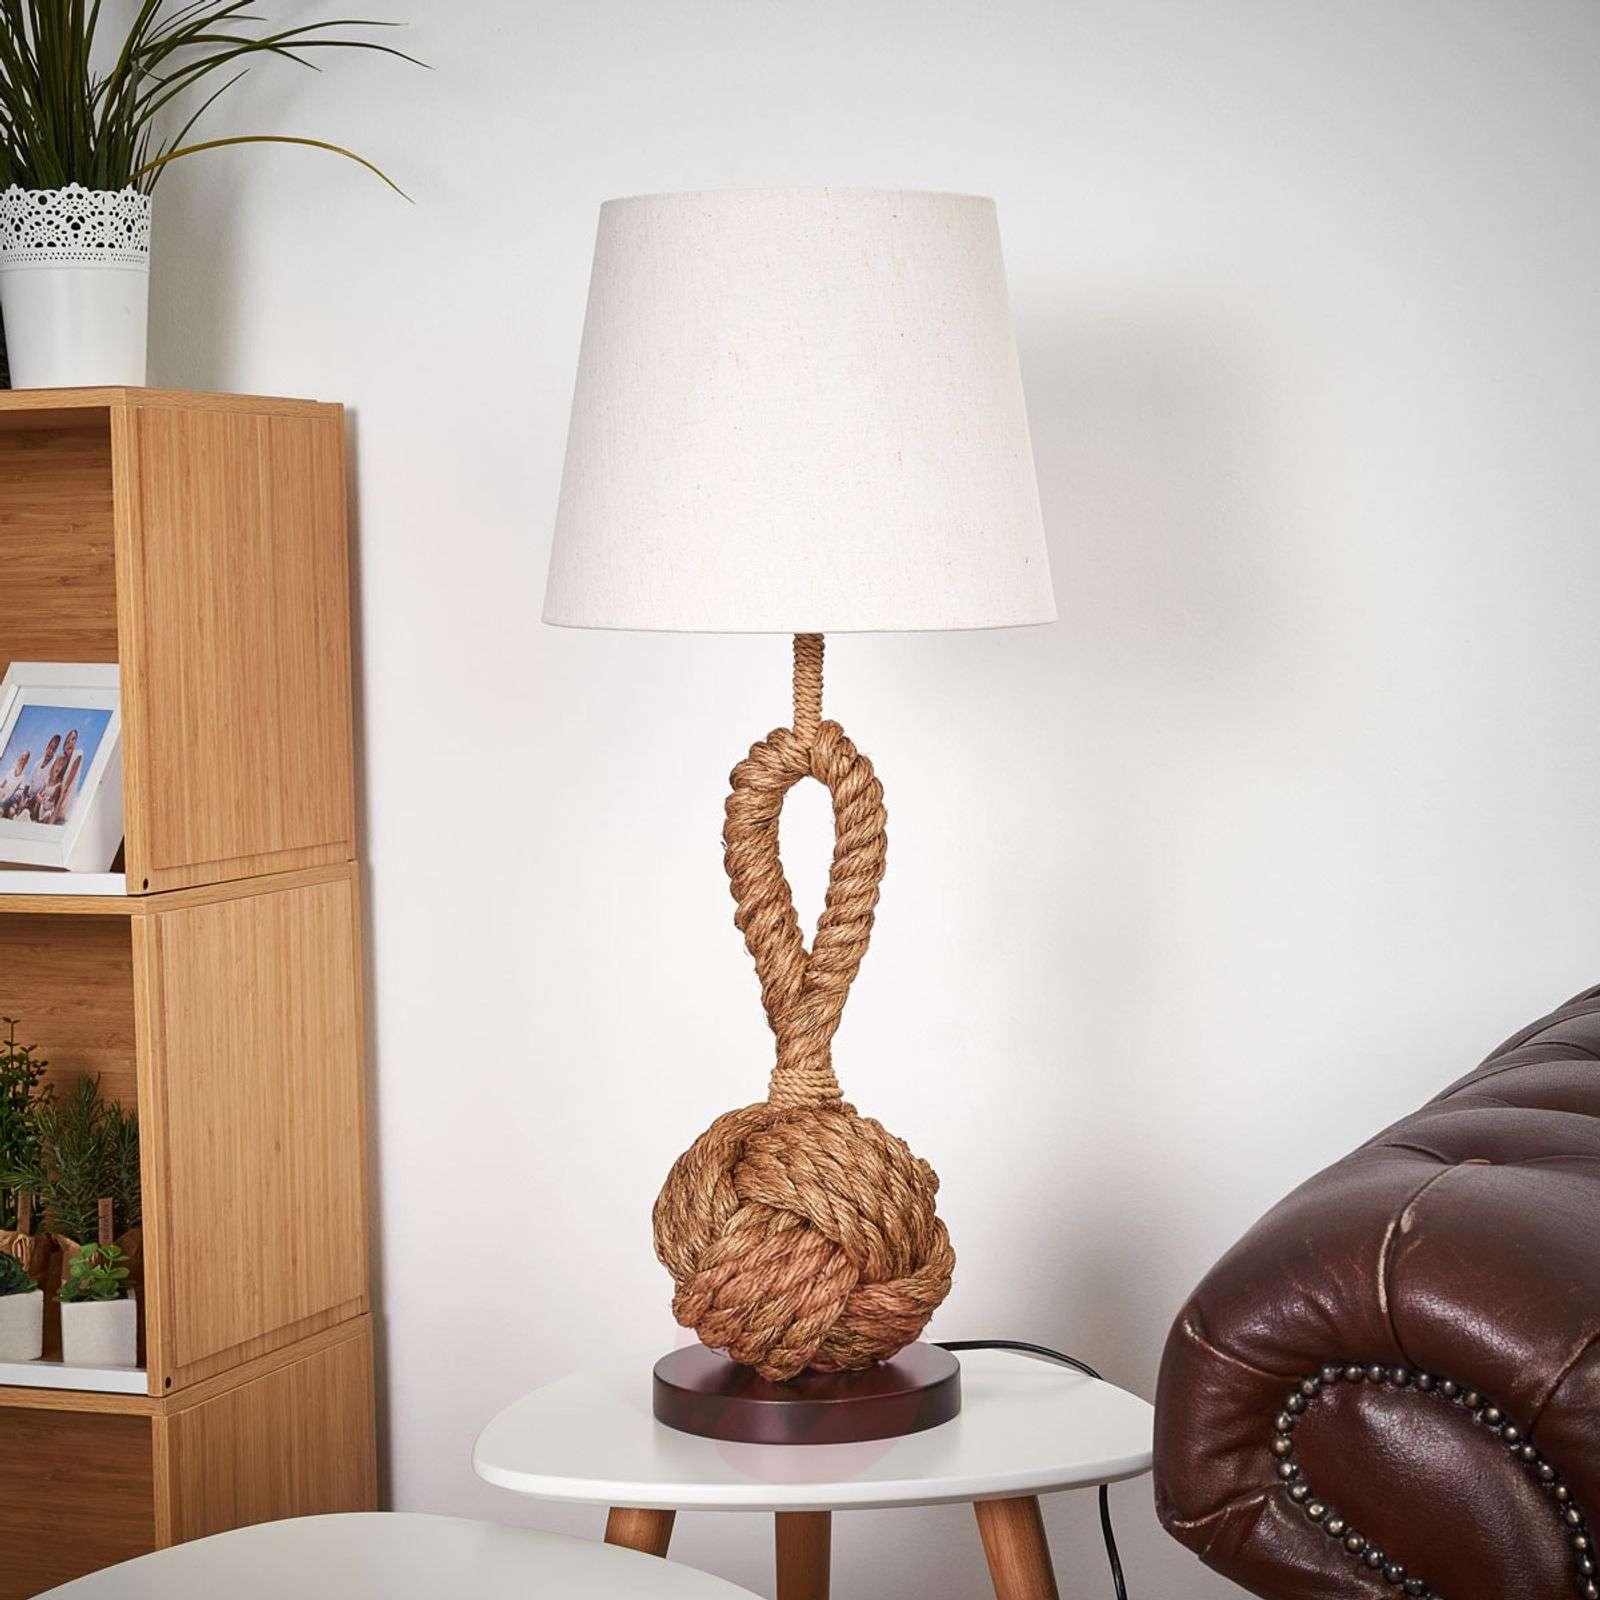 Beautiful table lamp Nils-8553051-01